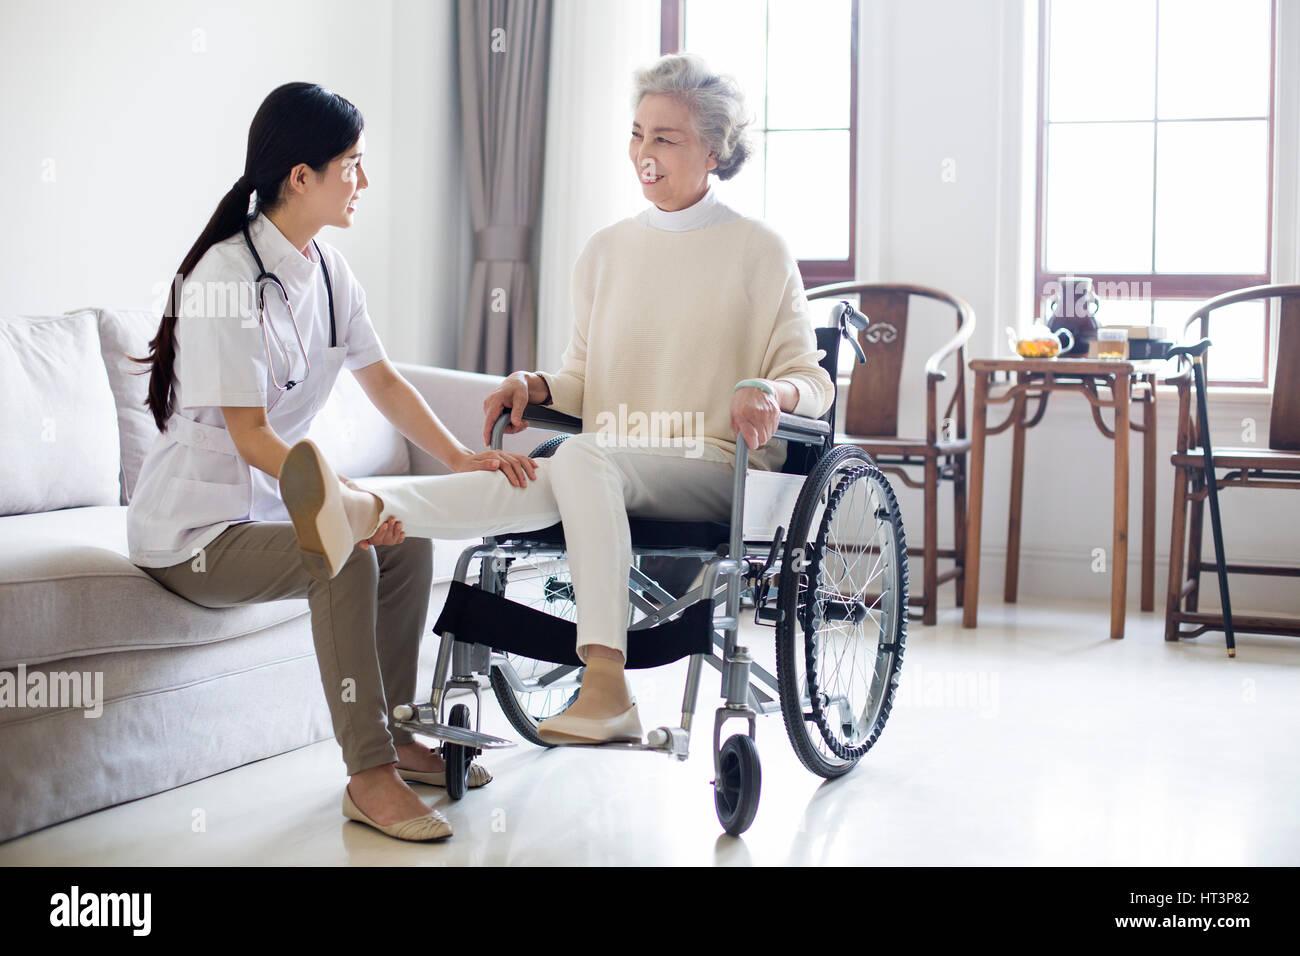 Style Wheelchair Women Stock Photos & Style Wheelchair ...